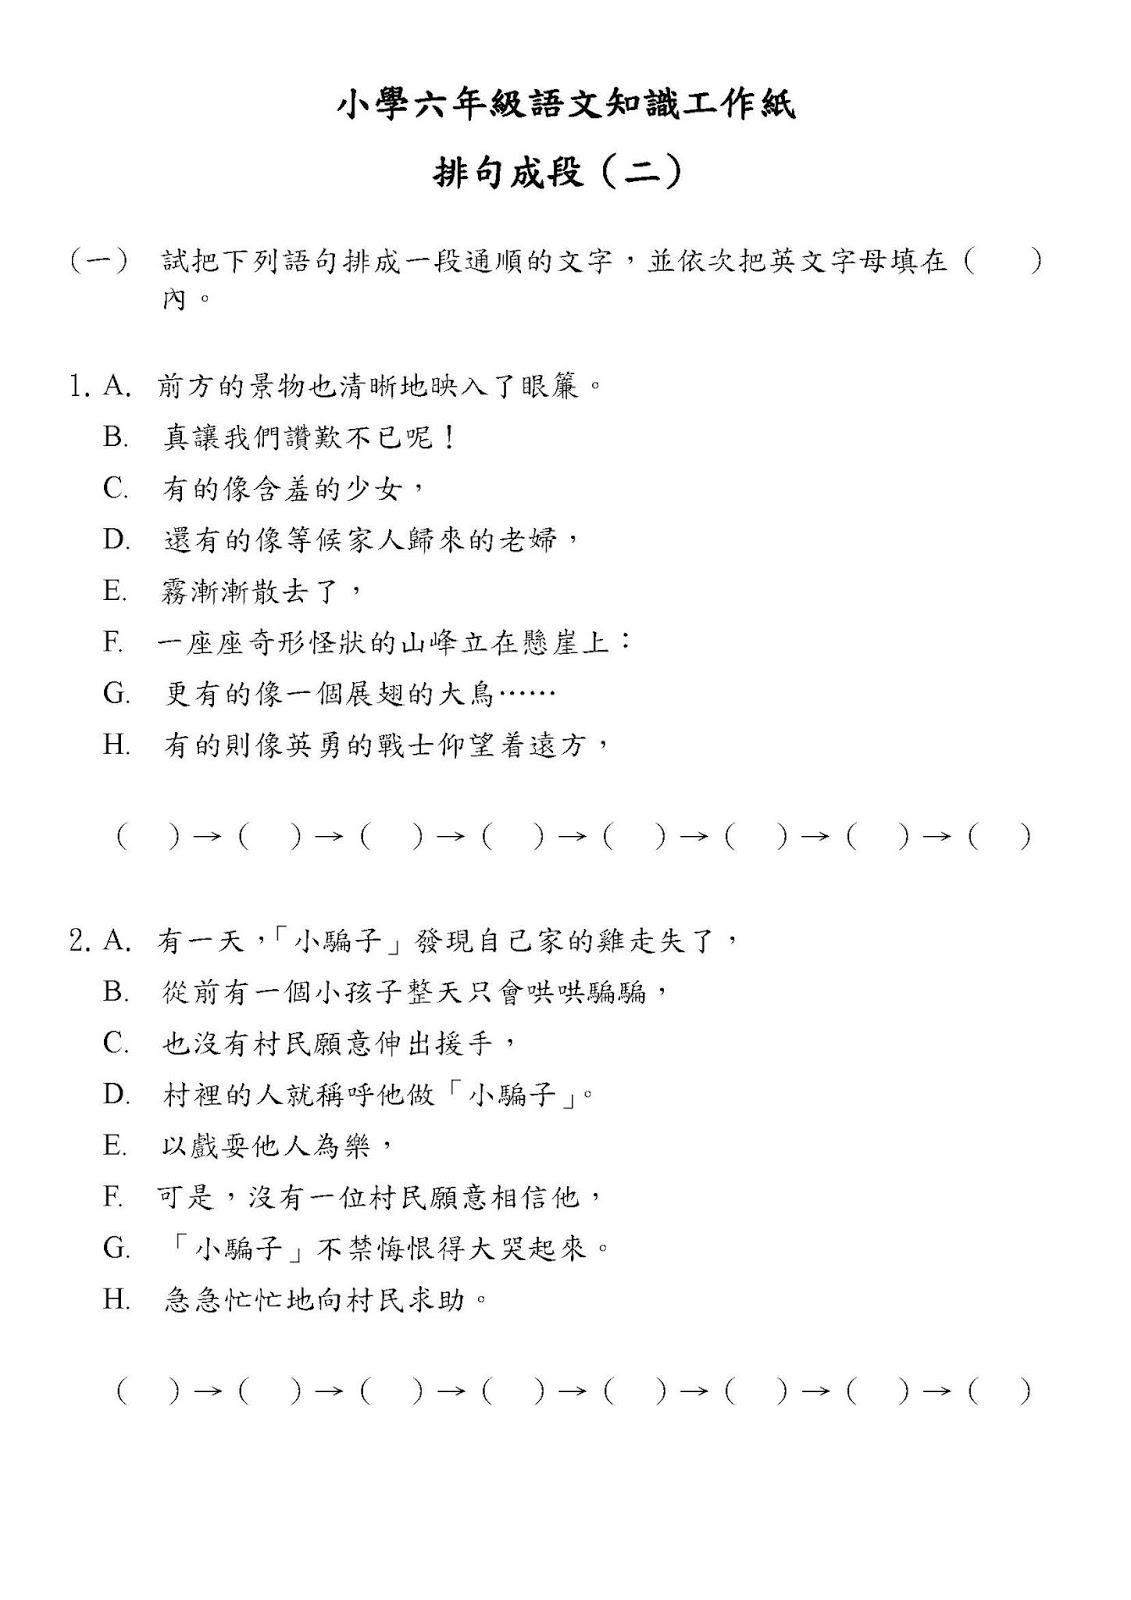 小六語文知識工作紙:排句成段(二)|中文工作紙|尤莉姐姐的反轉學堂